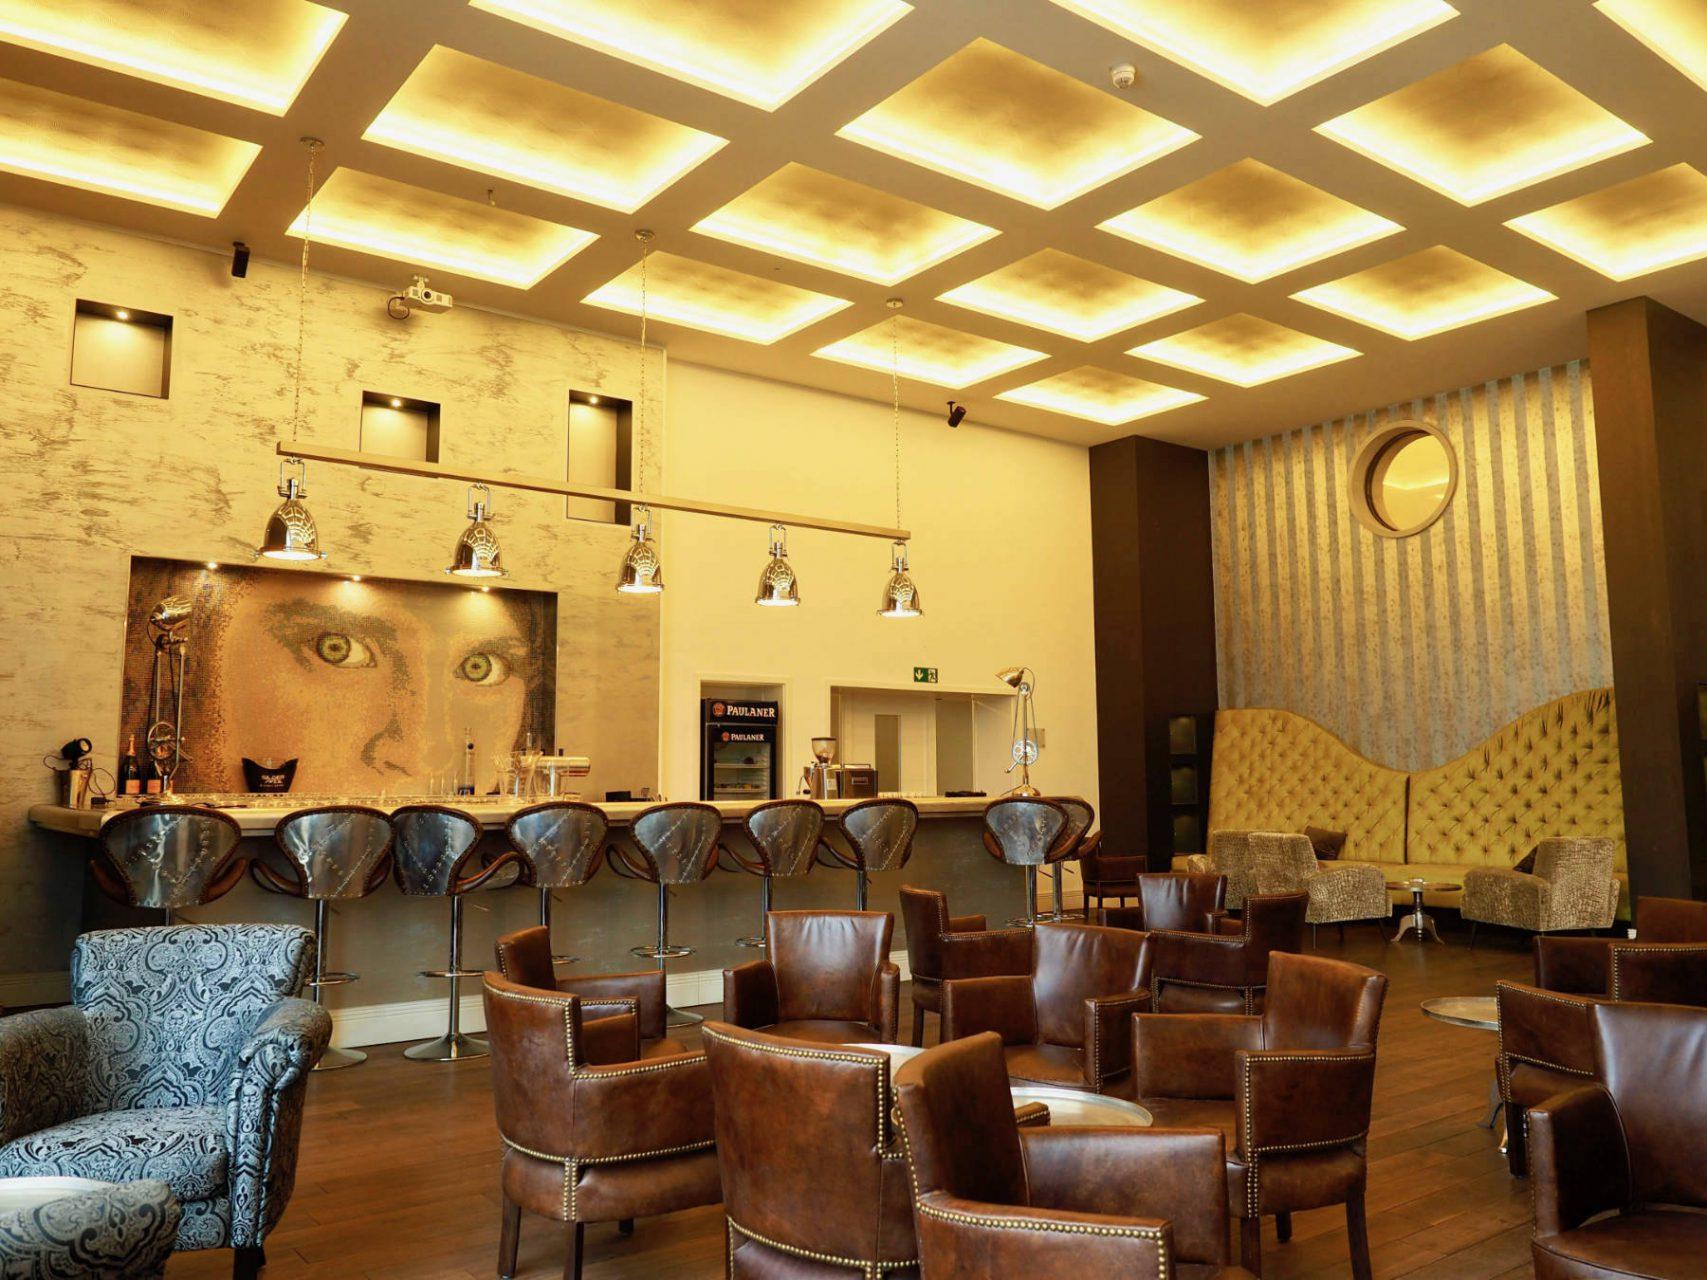 Clubatmosphäre. Das Konzept für die Bar ist eine Mischung aus Drinks und Snacks mit Events wie Life-Musik oder Sport und Kino auf der Großleinwand.